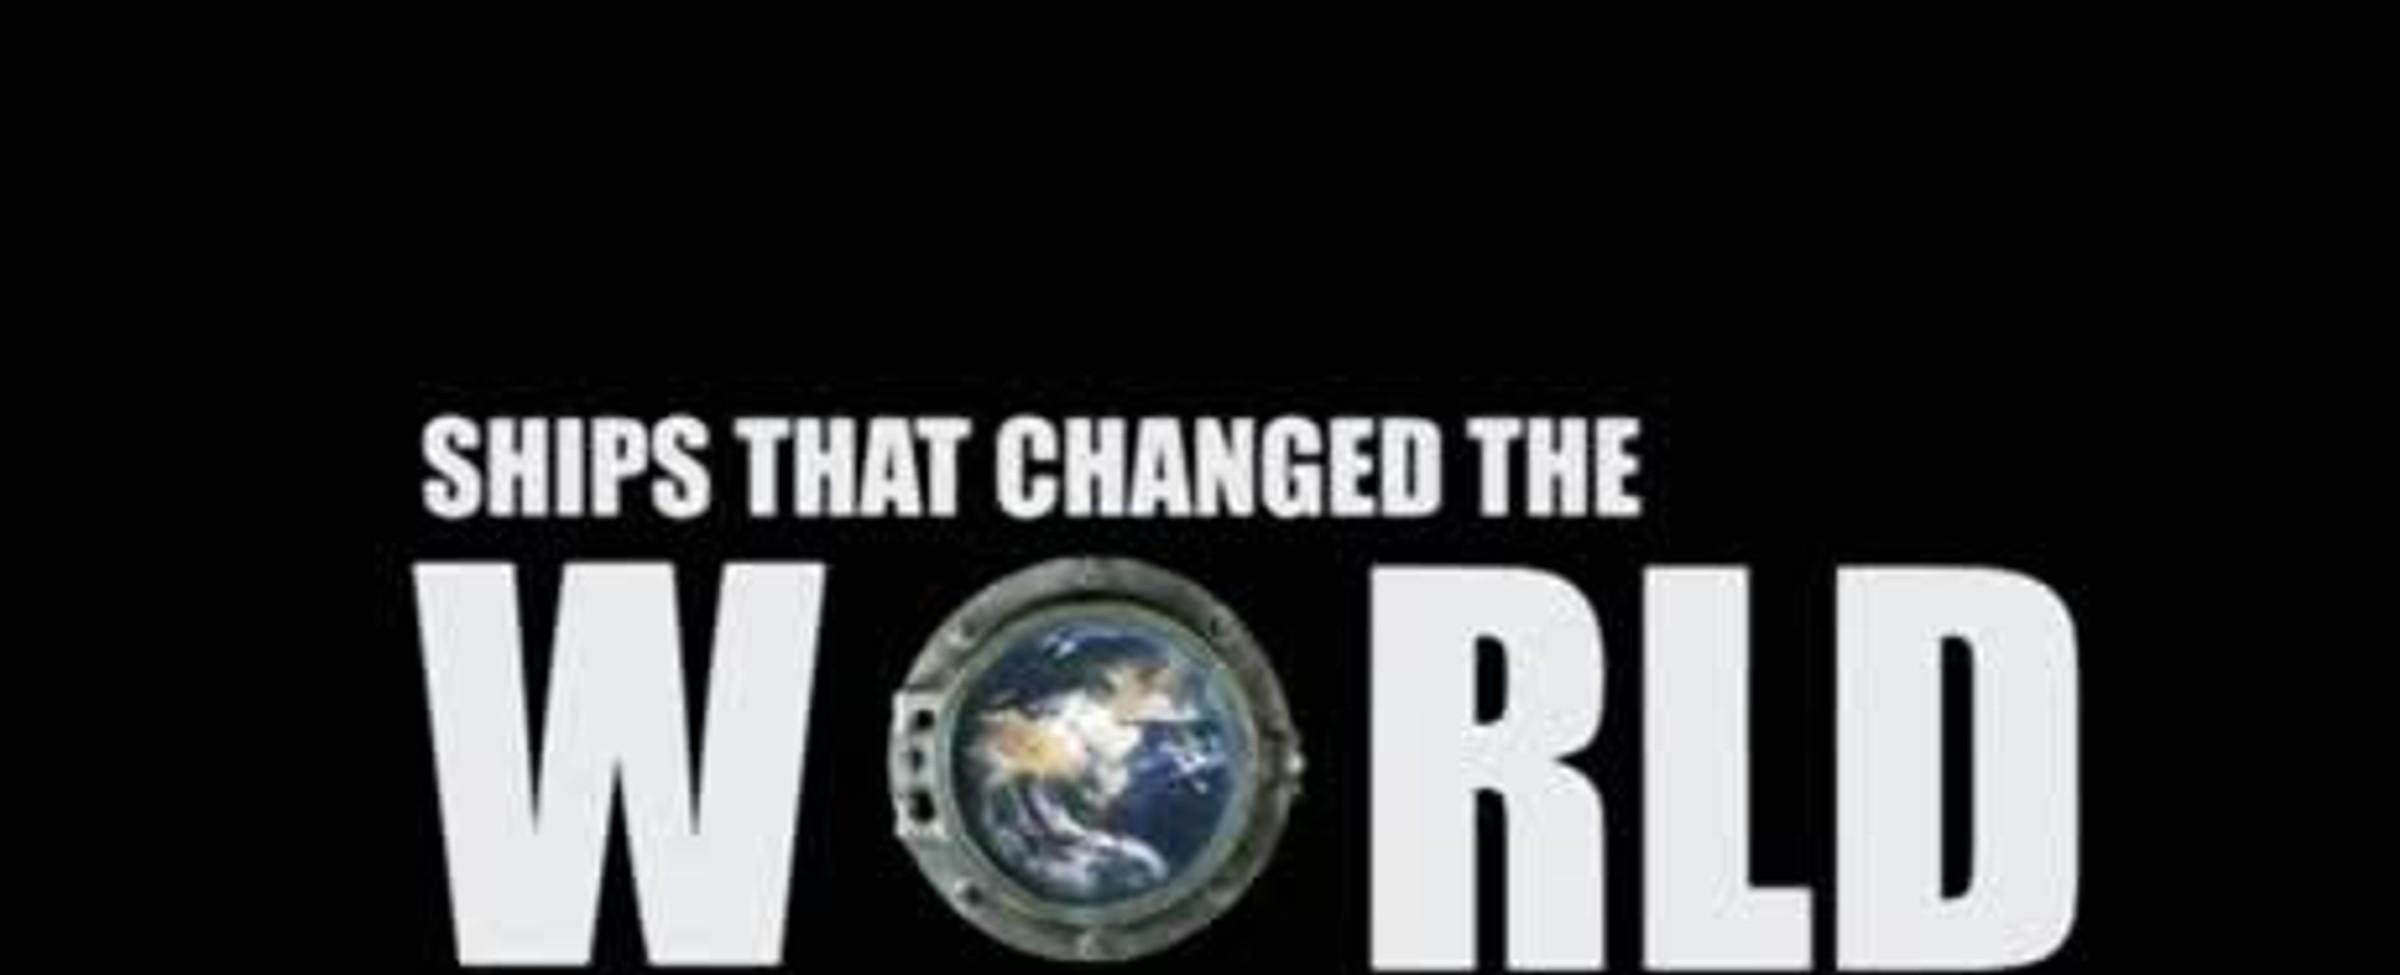 Lodě, které změnily svět